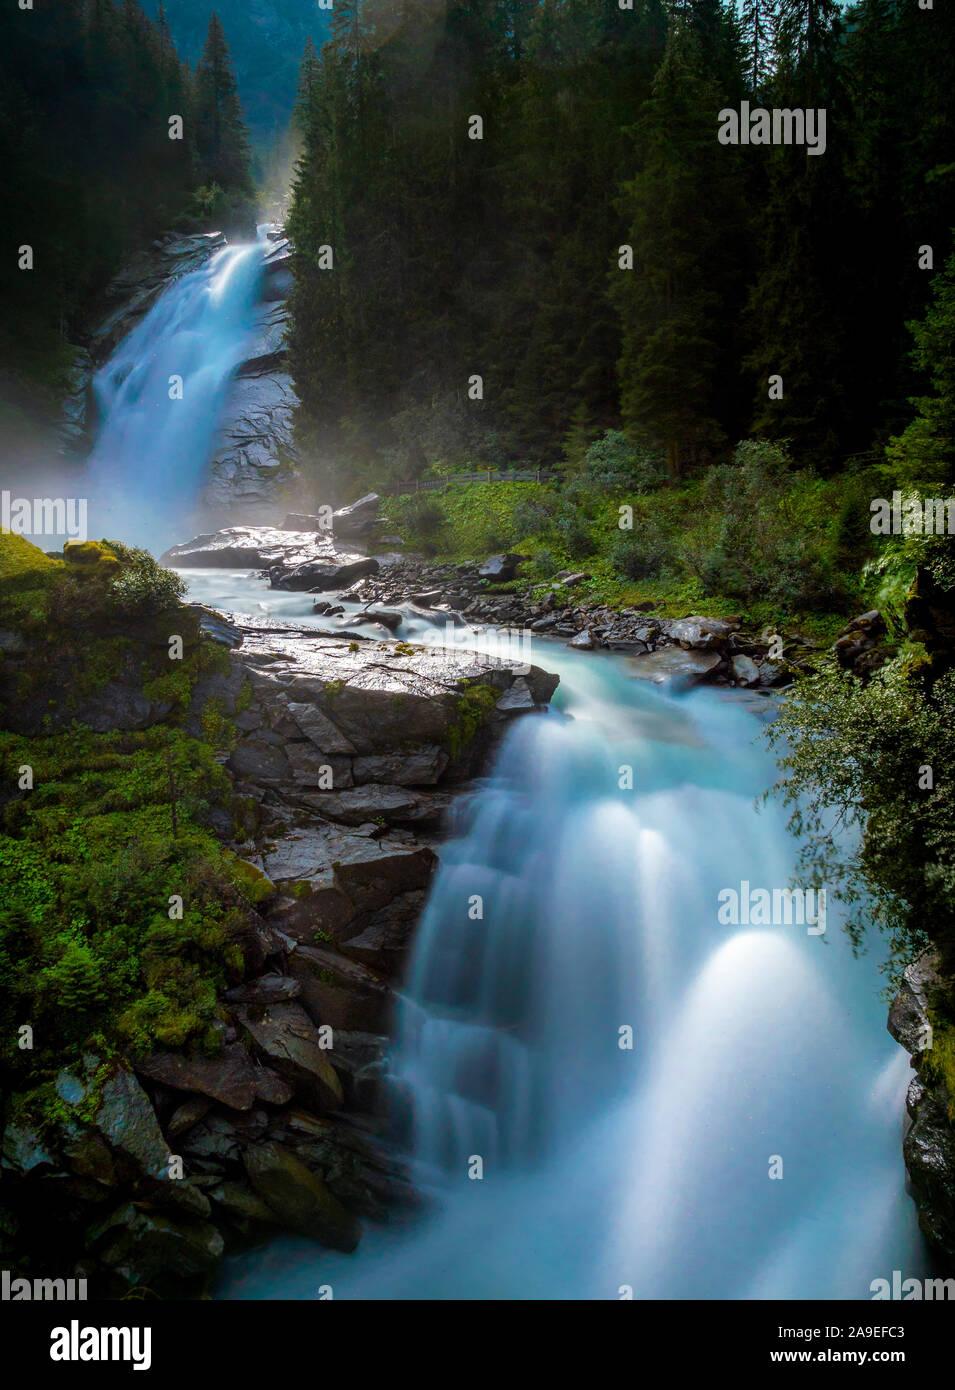 Krimml Waterfalls, High Tauern National Park, Krimml, Pinzgau region, Salzburger Land region, Salzburg (state), Austria, Europe Stock Photo